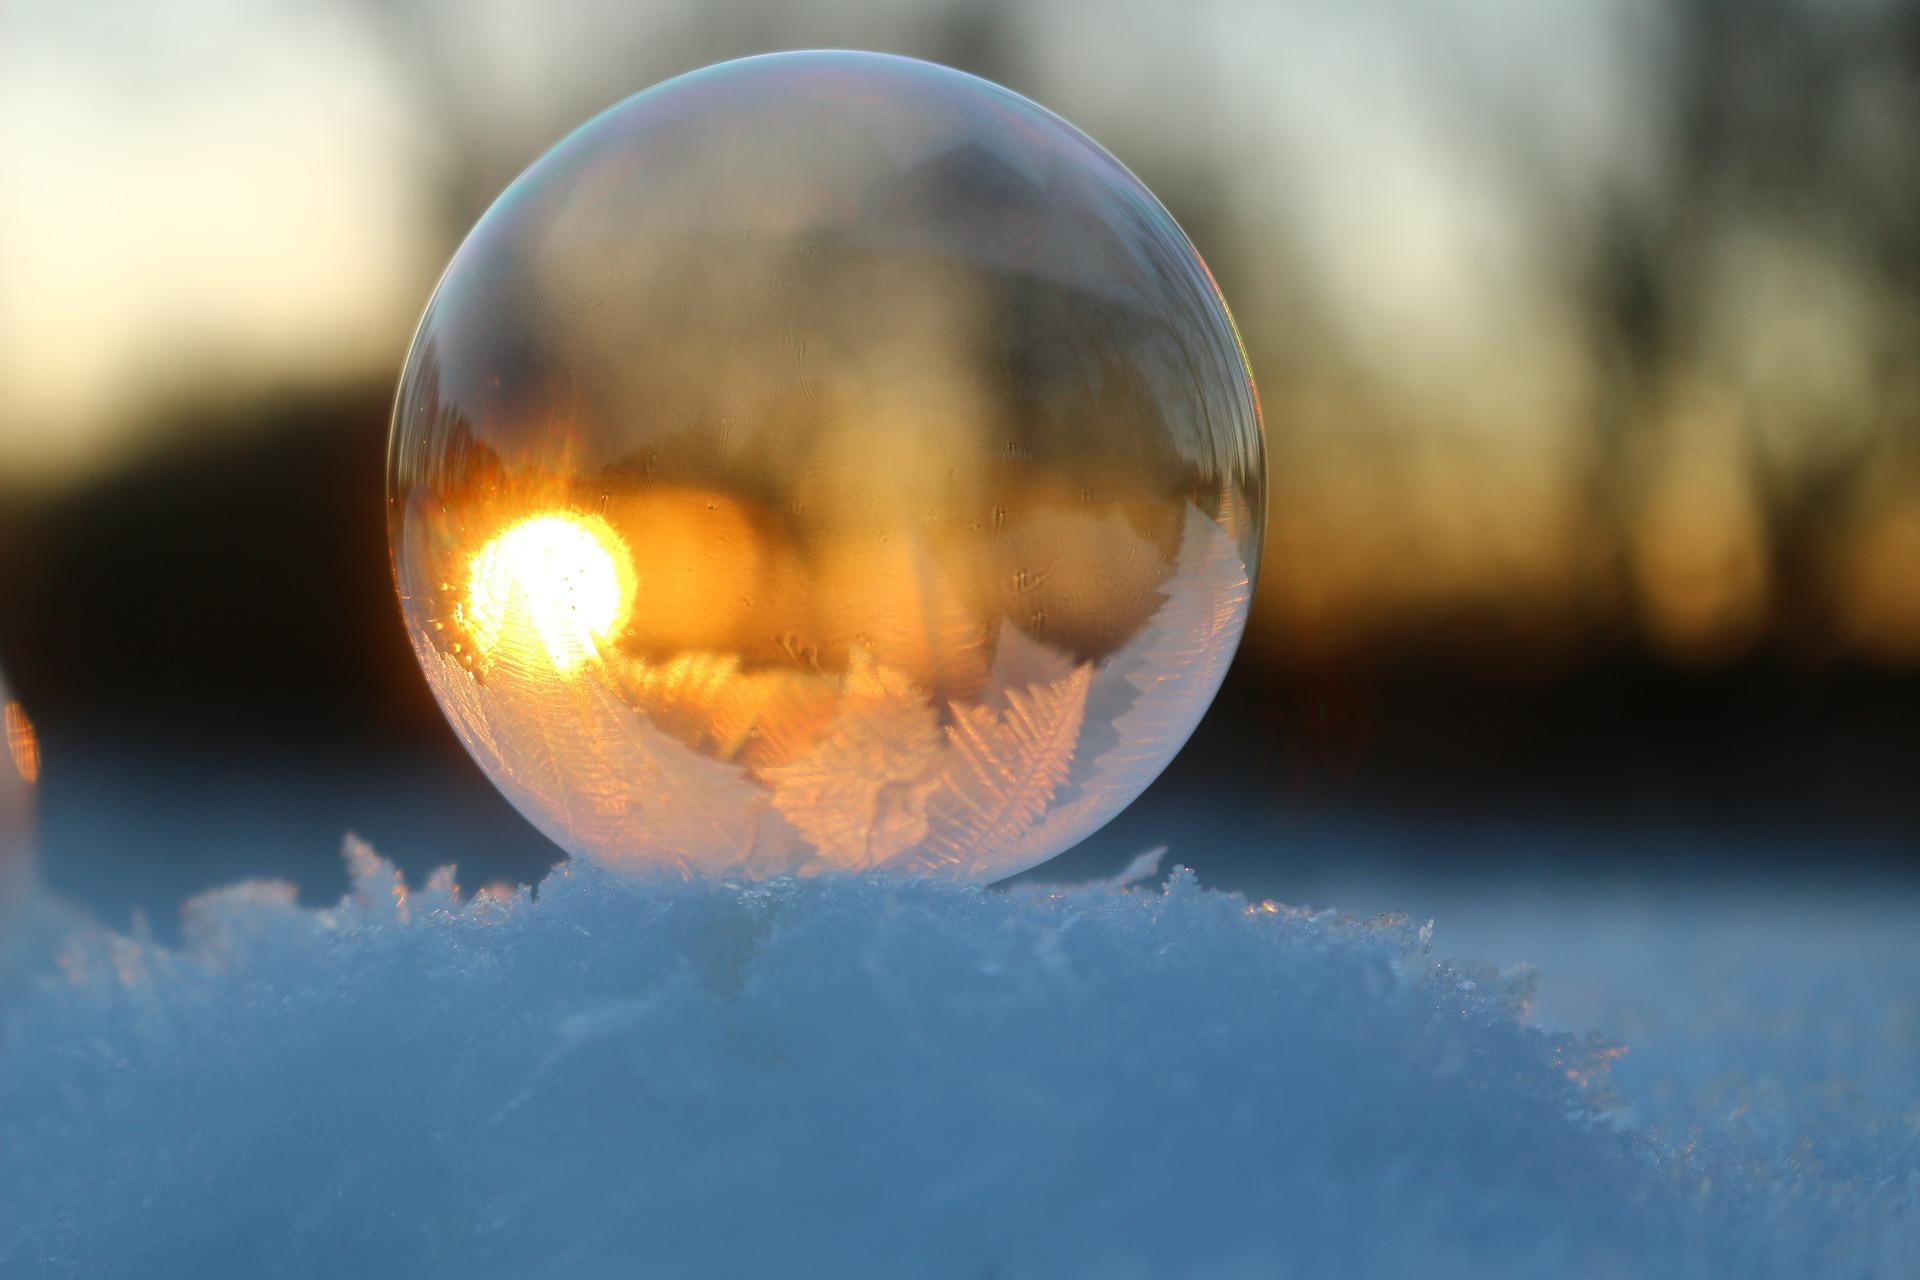 Soap bubble 1961814 1920